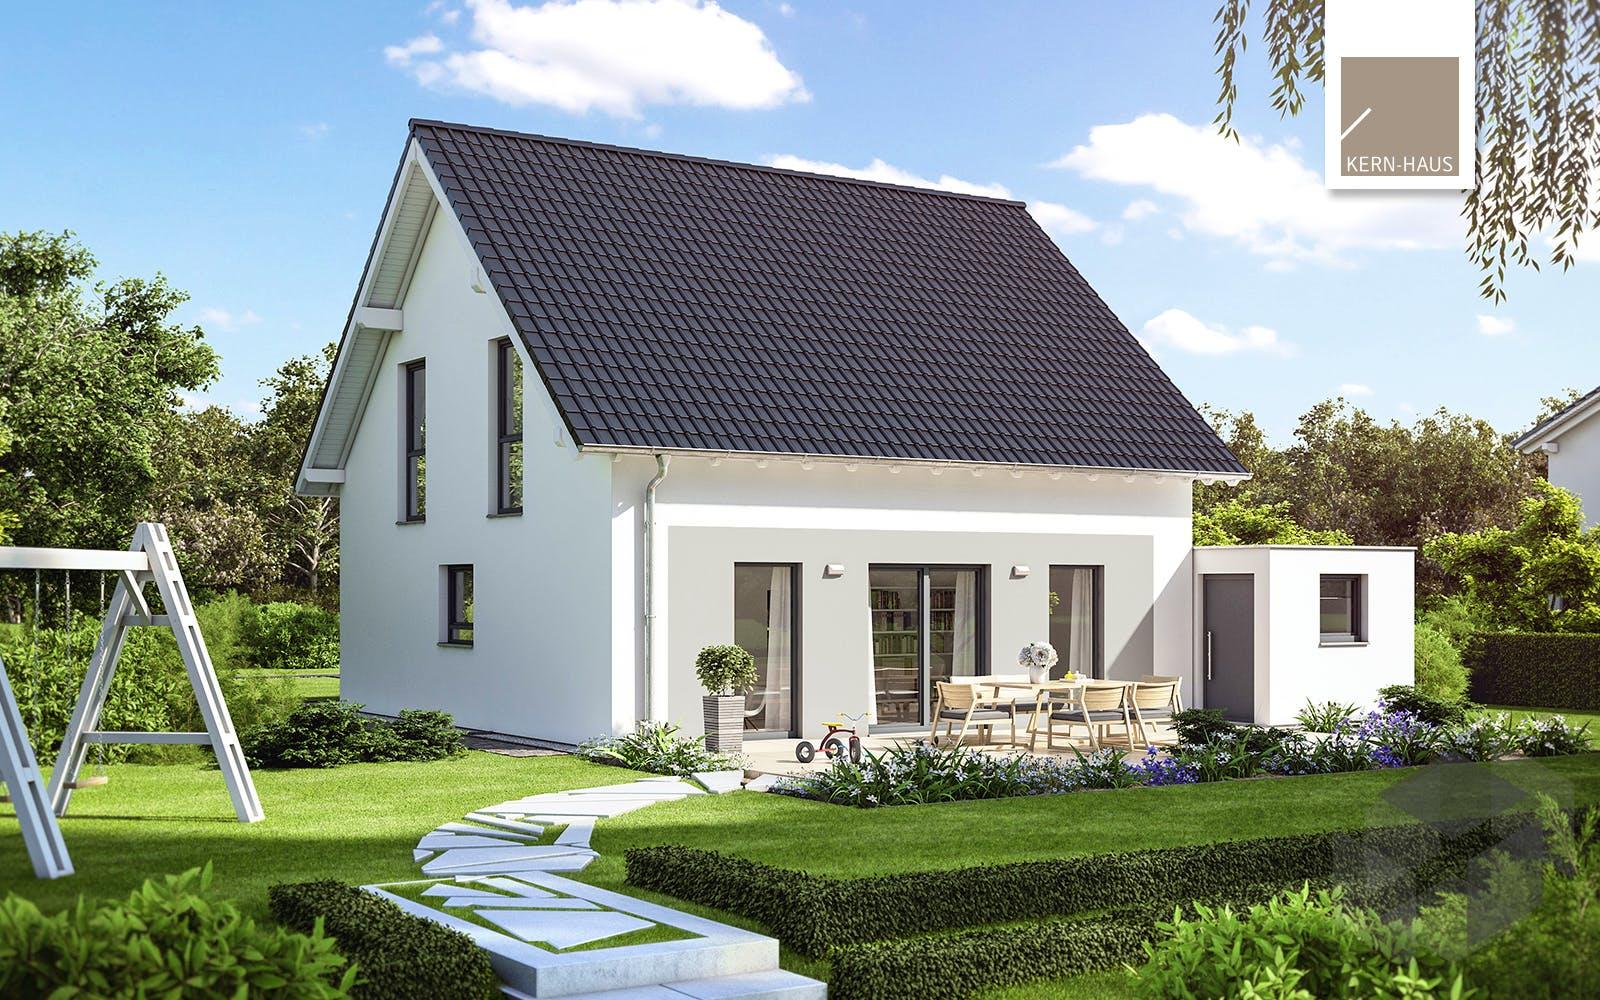 architektenhaus luna von kern haus komplette daten bersicht. Black Bedroom Furniture Sets. Home Design Ideas